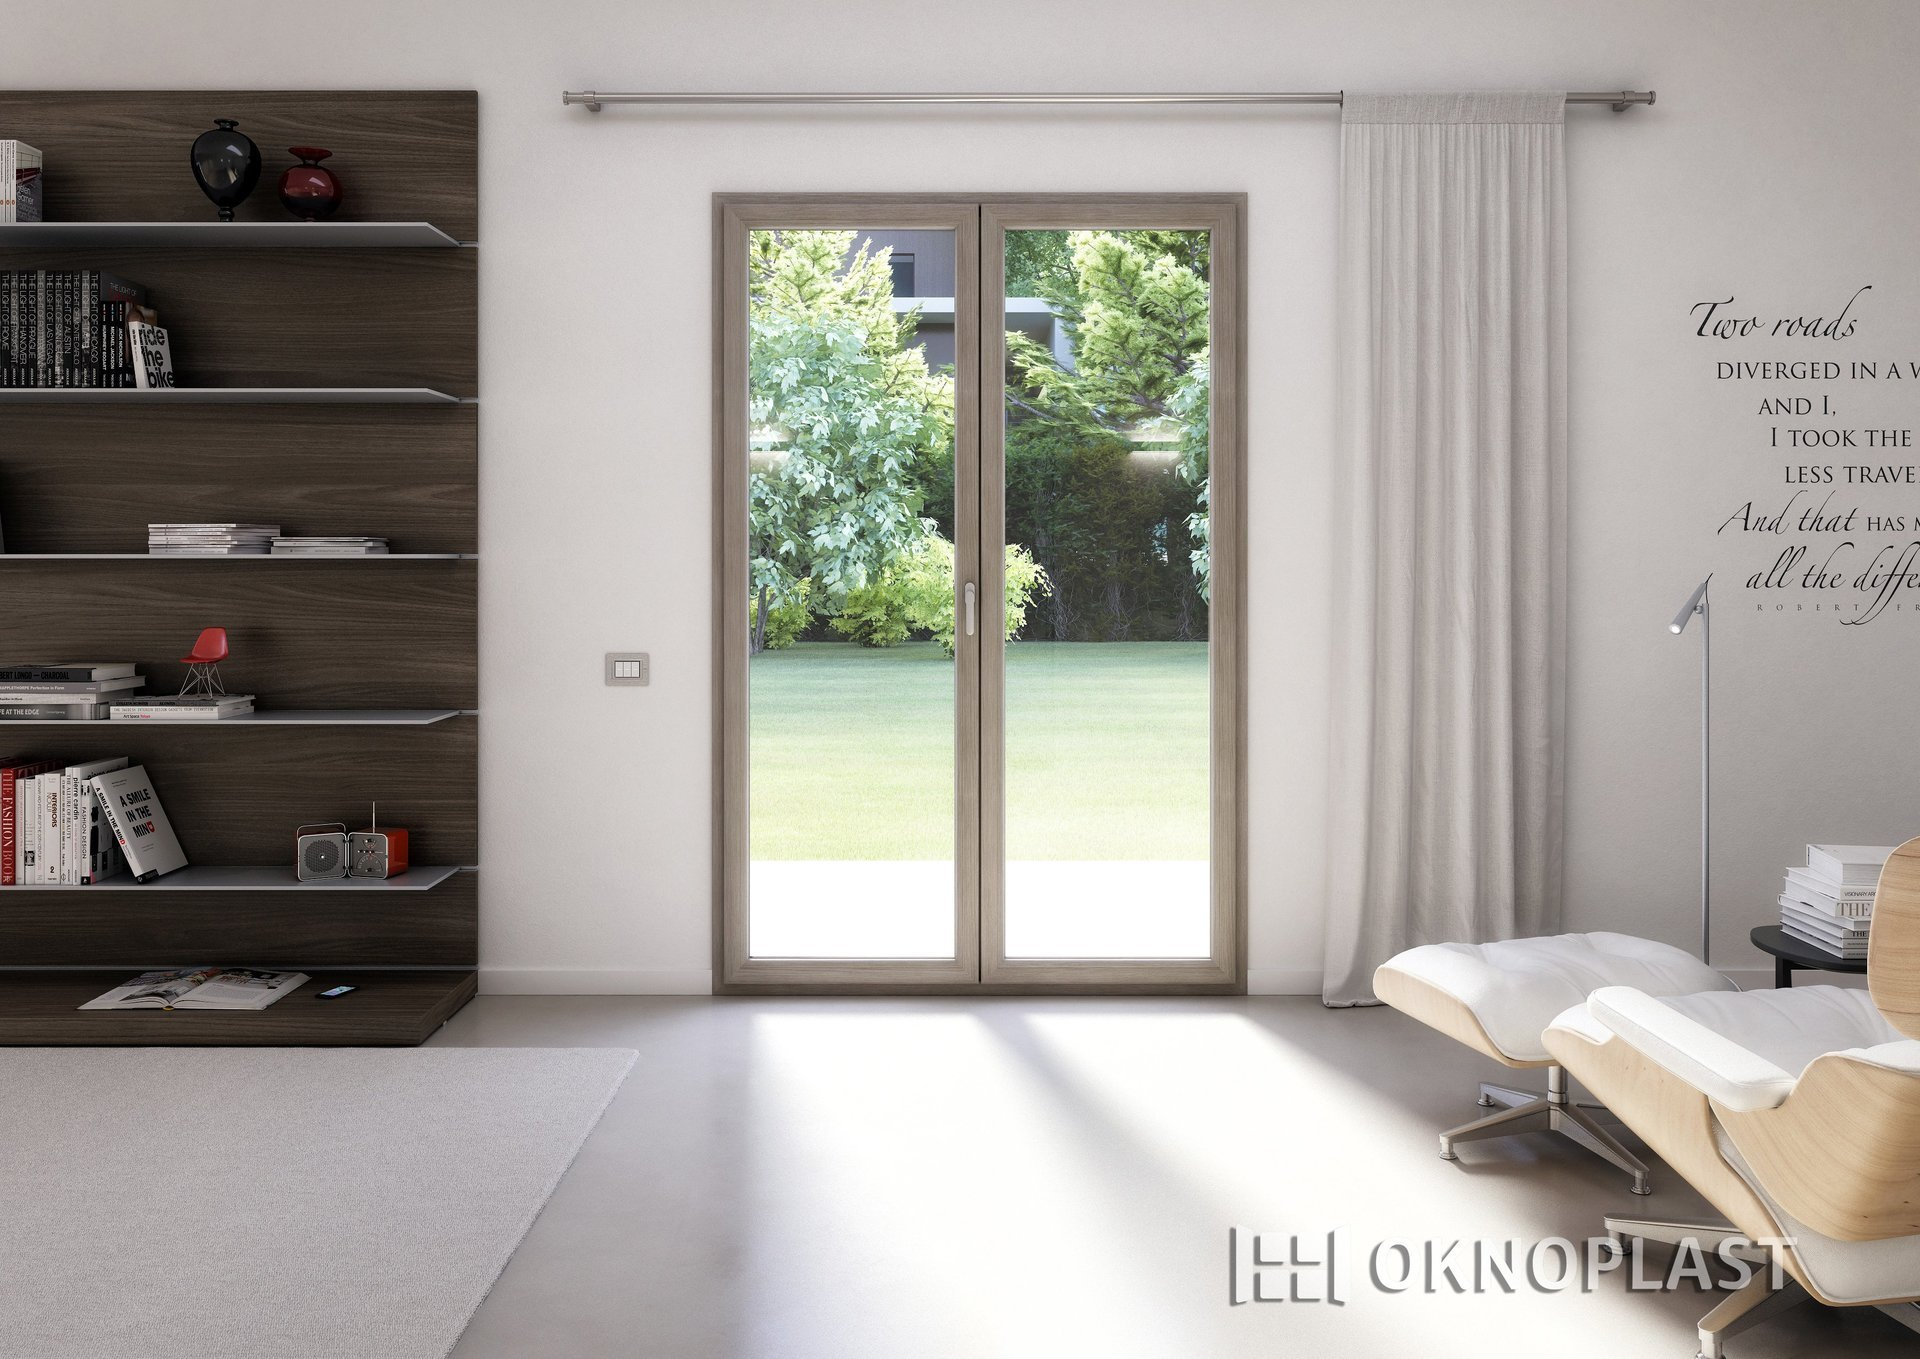 una stanza con finestra in PVC e scaffale in legno con oggetti